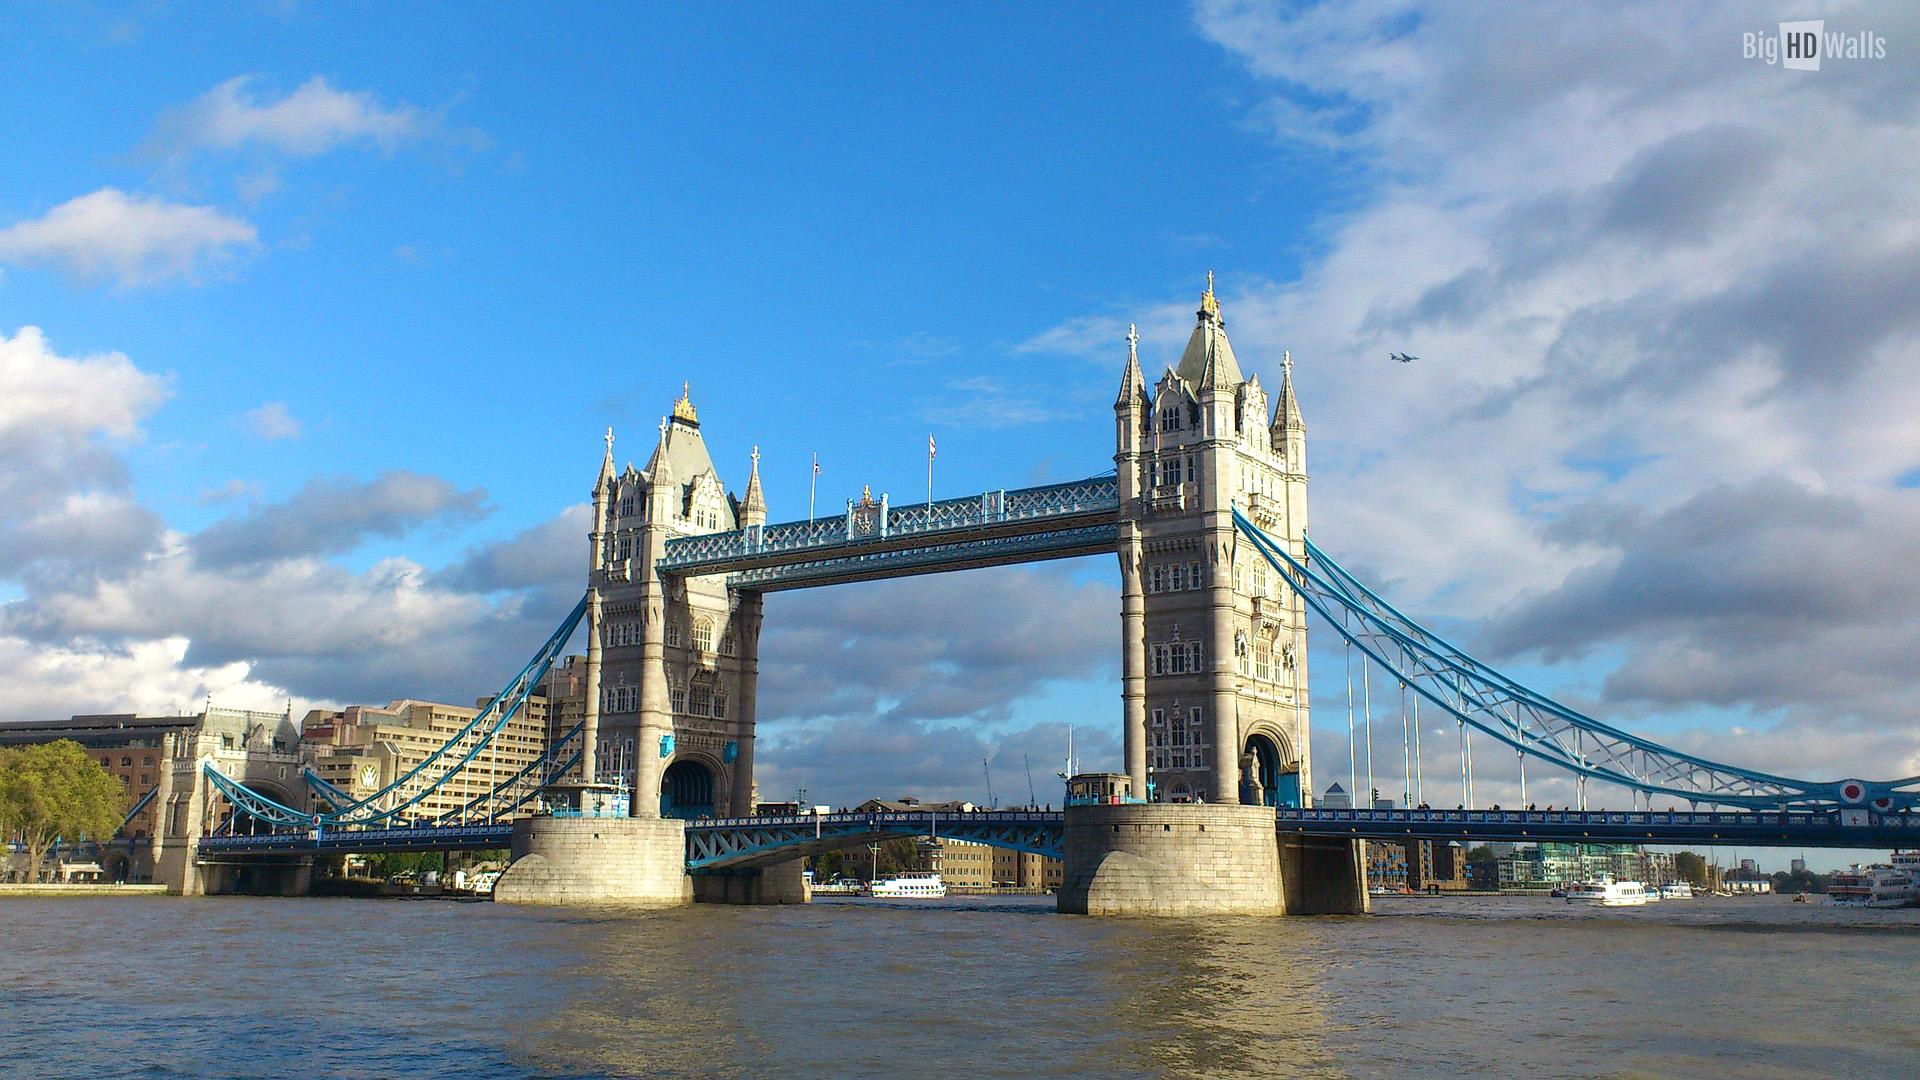 Tower Bridge London HD Wallpaper BigHDWalls 1920x1080